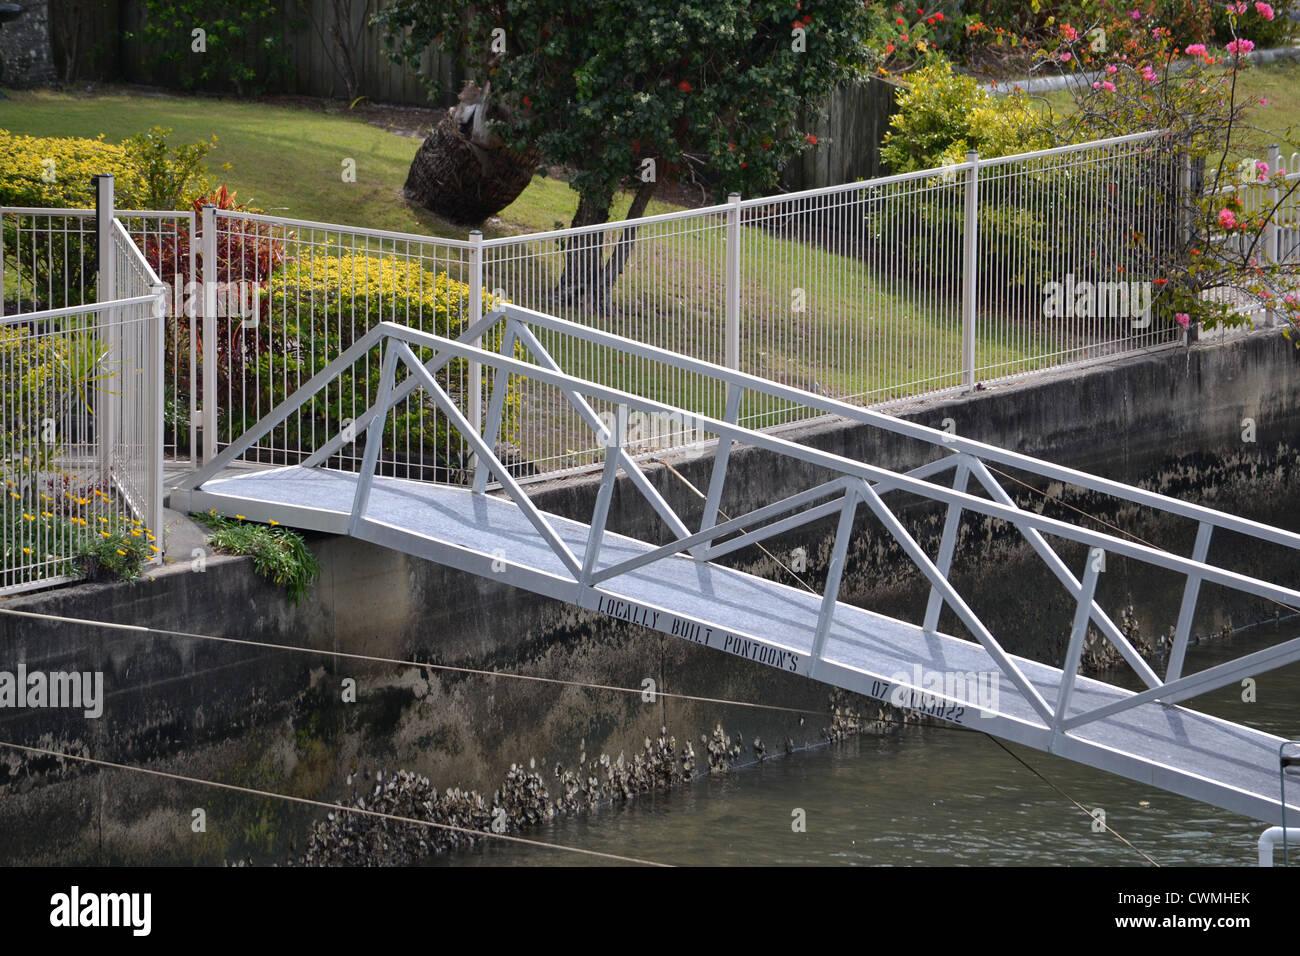 Back fence and steel pontoon walkway - Stock Image